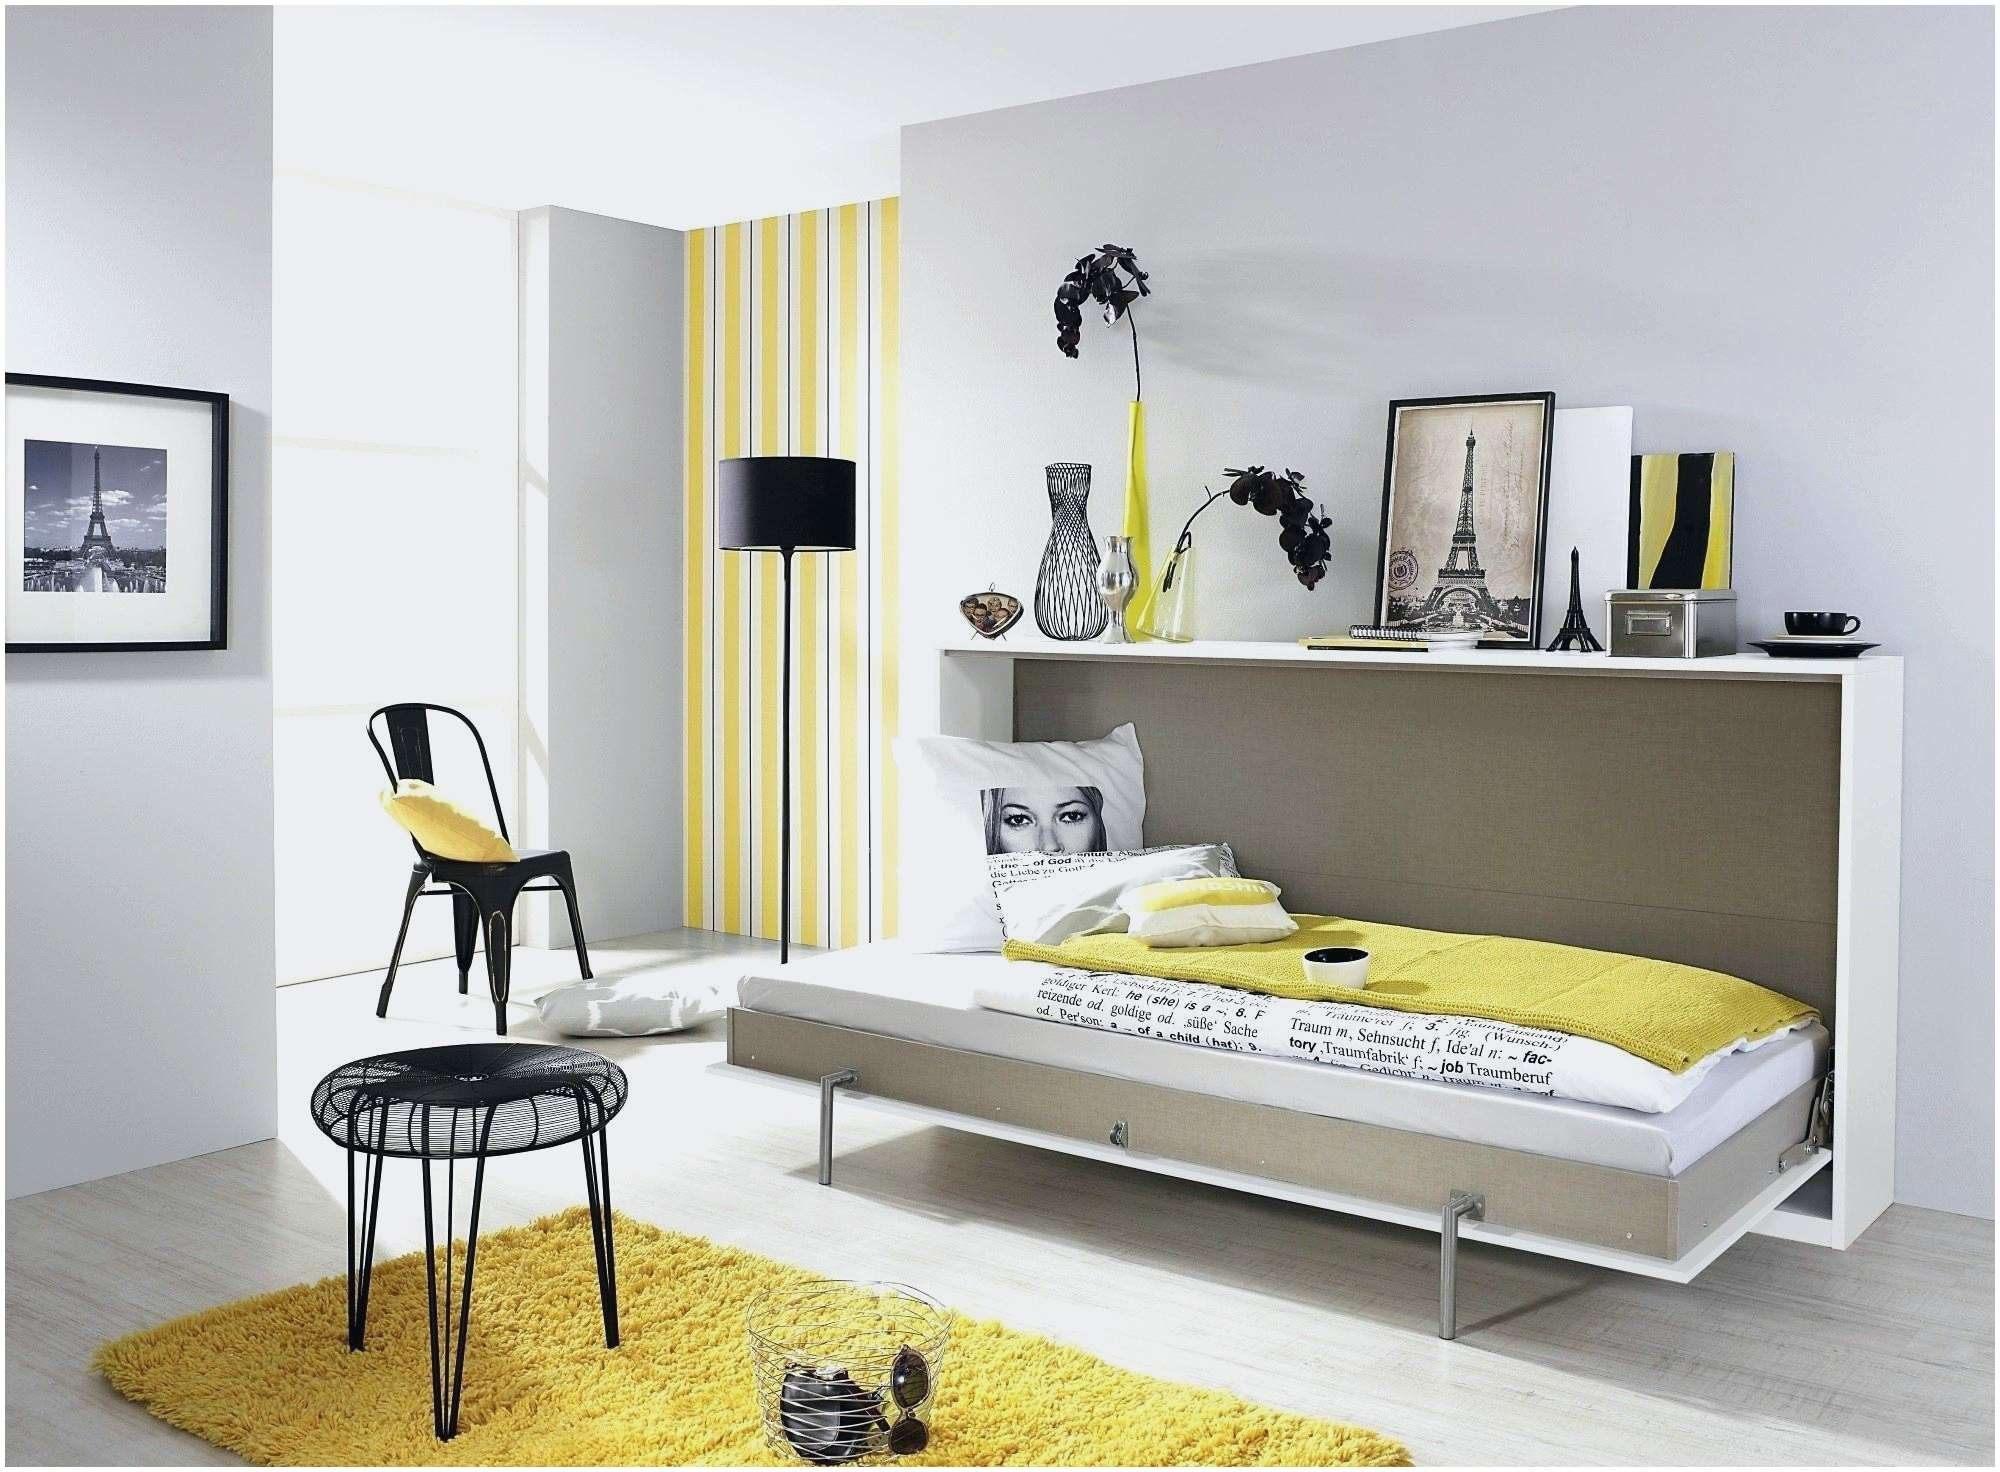 Lit 160×200 sommier Inclus Agréable Frais Lit Design 160—200 Primaire Collection sommier Matelas 160—200